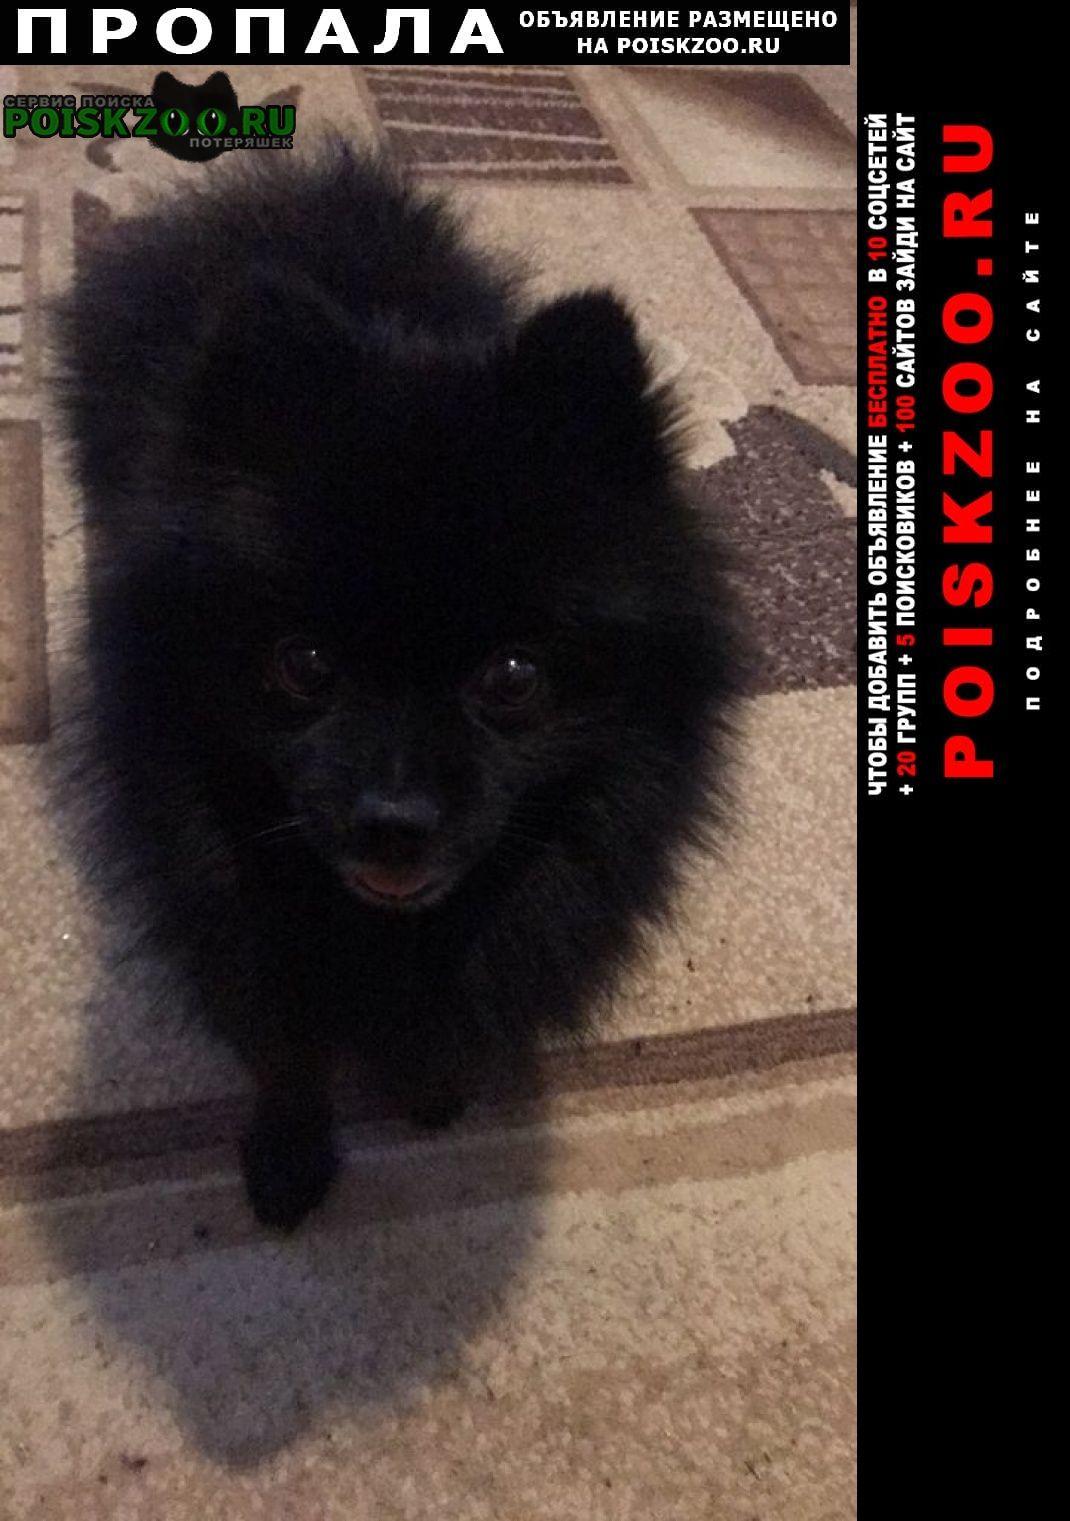 Большое Село Пропала собака кобель чёрный шпиц. мальчик. зума